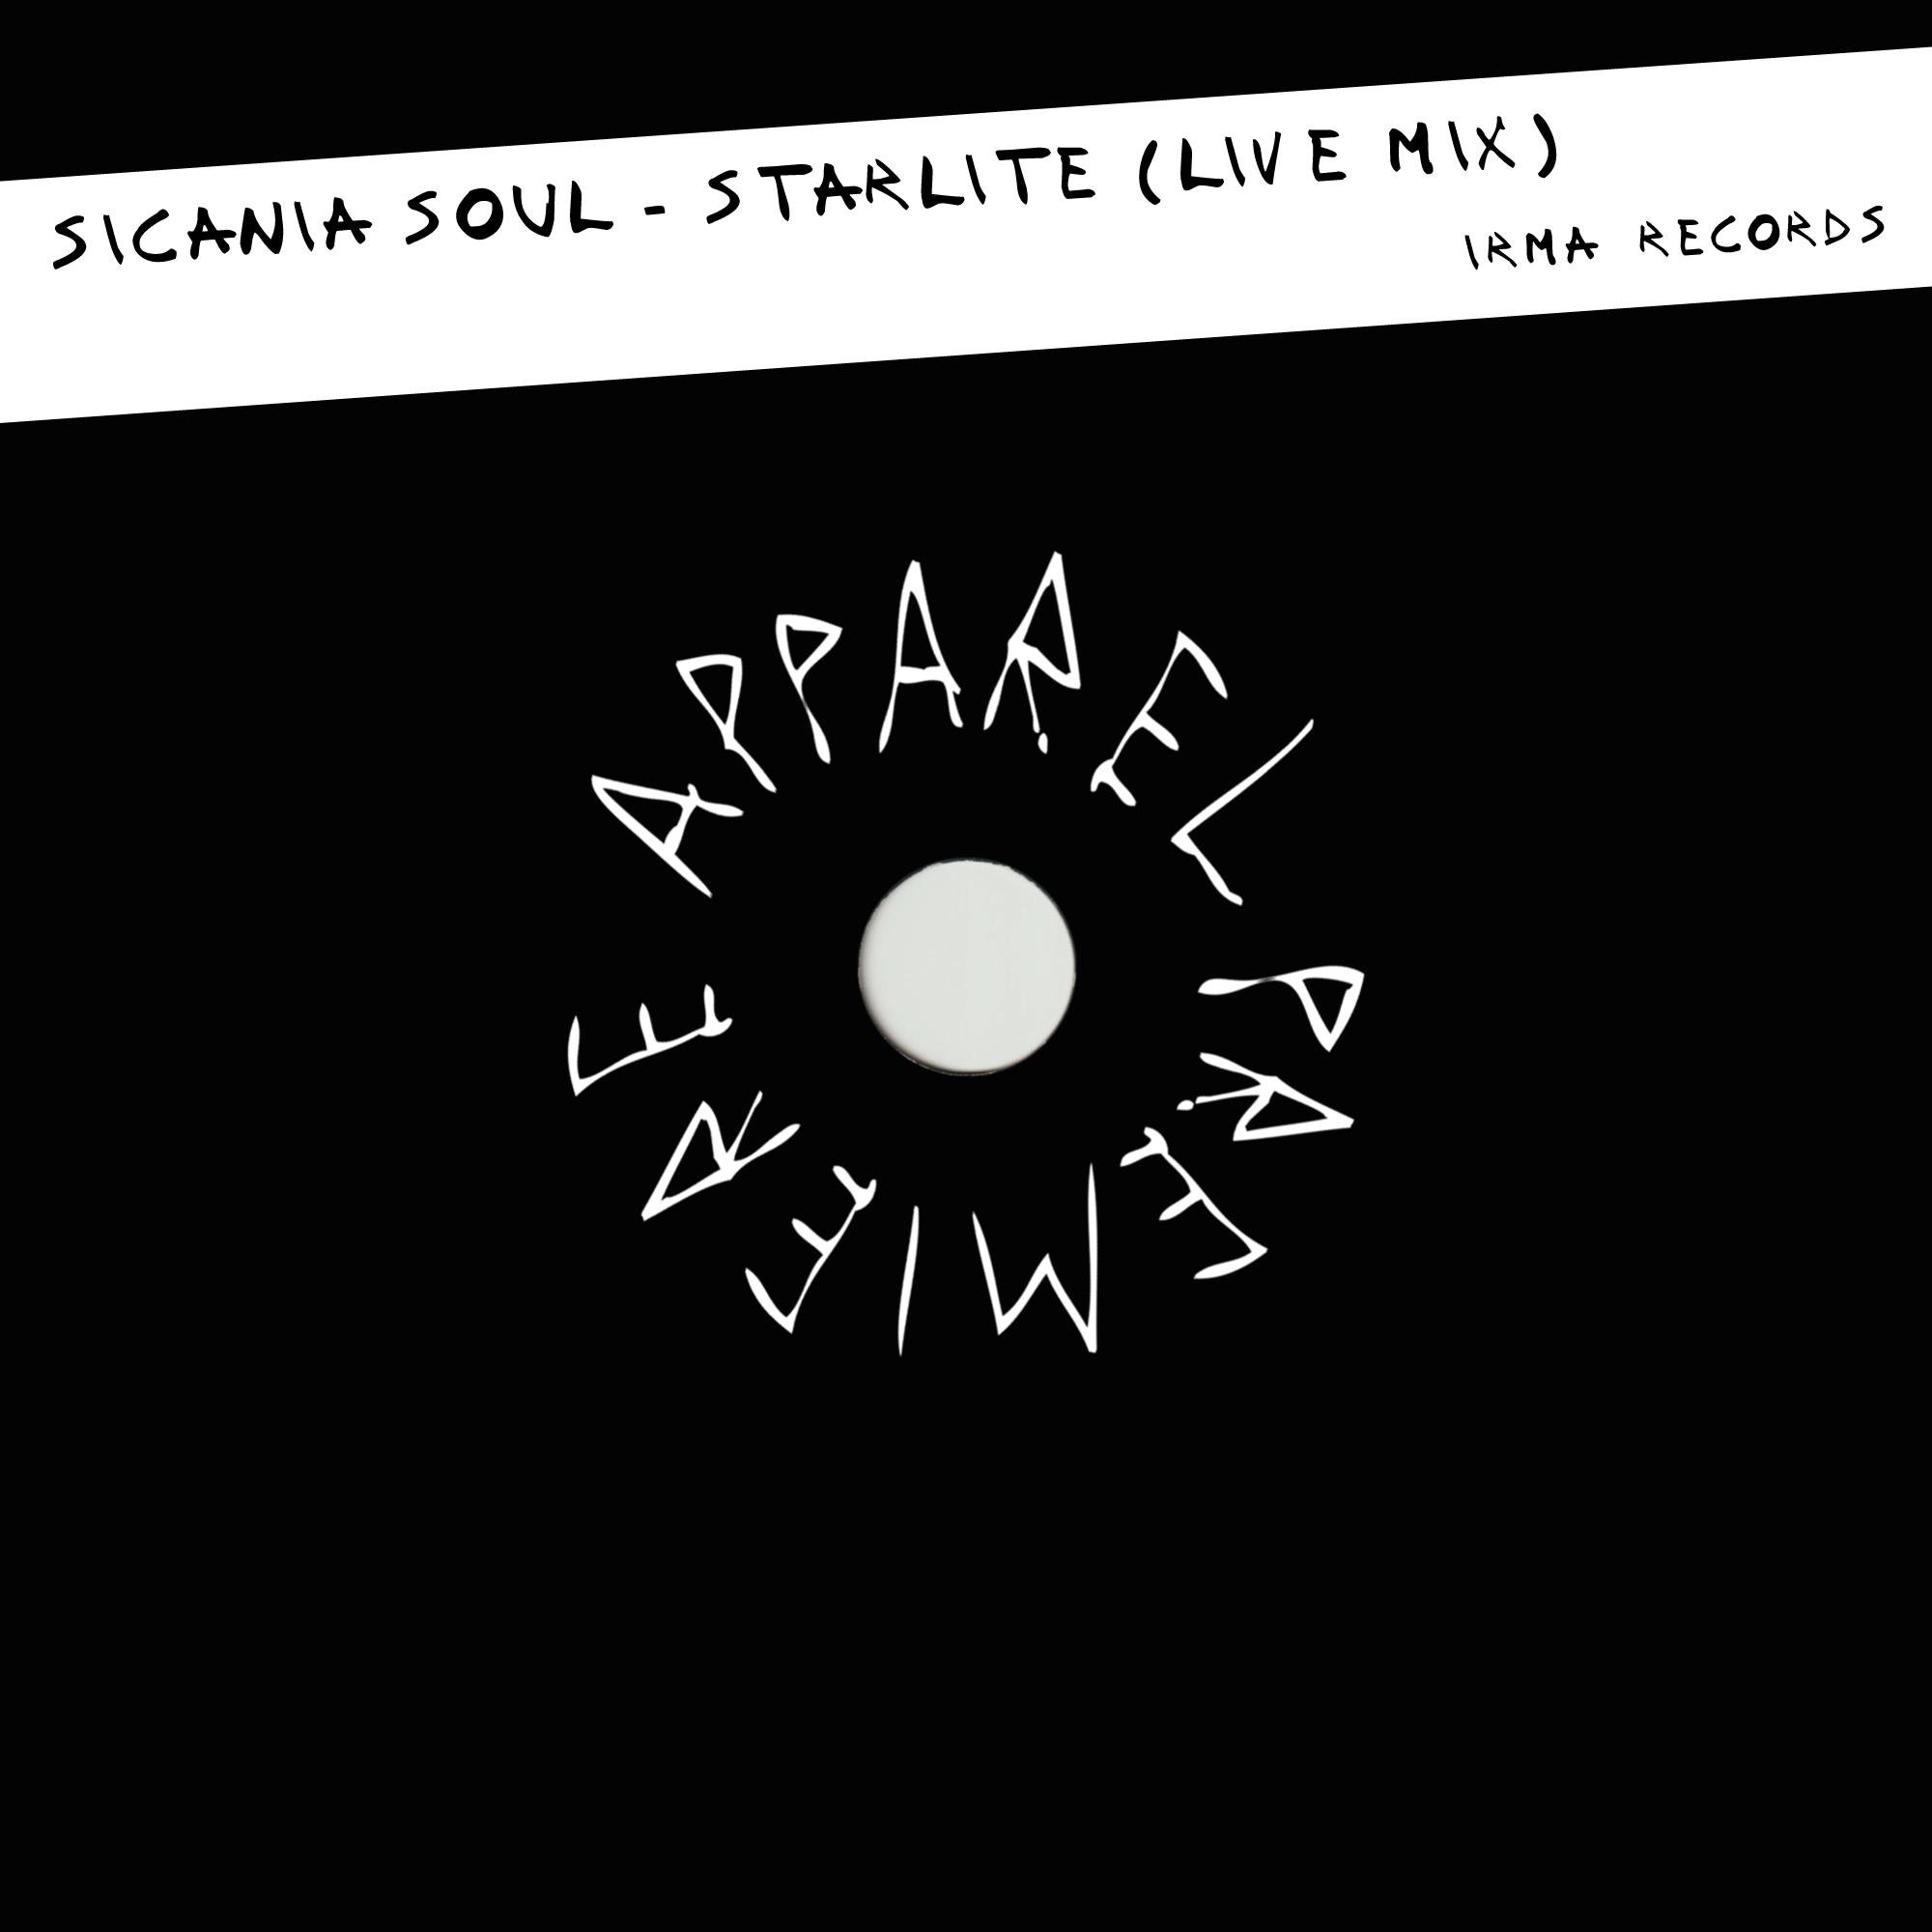 APPAREL PREMIERE: Sicania Soul – Starlite (Live Mix) [Irma Records]